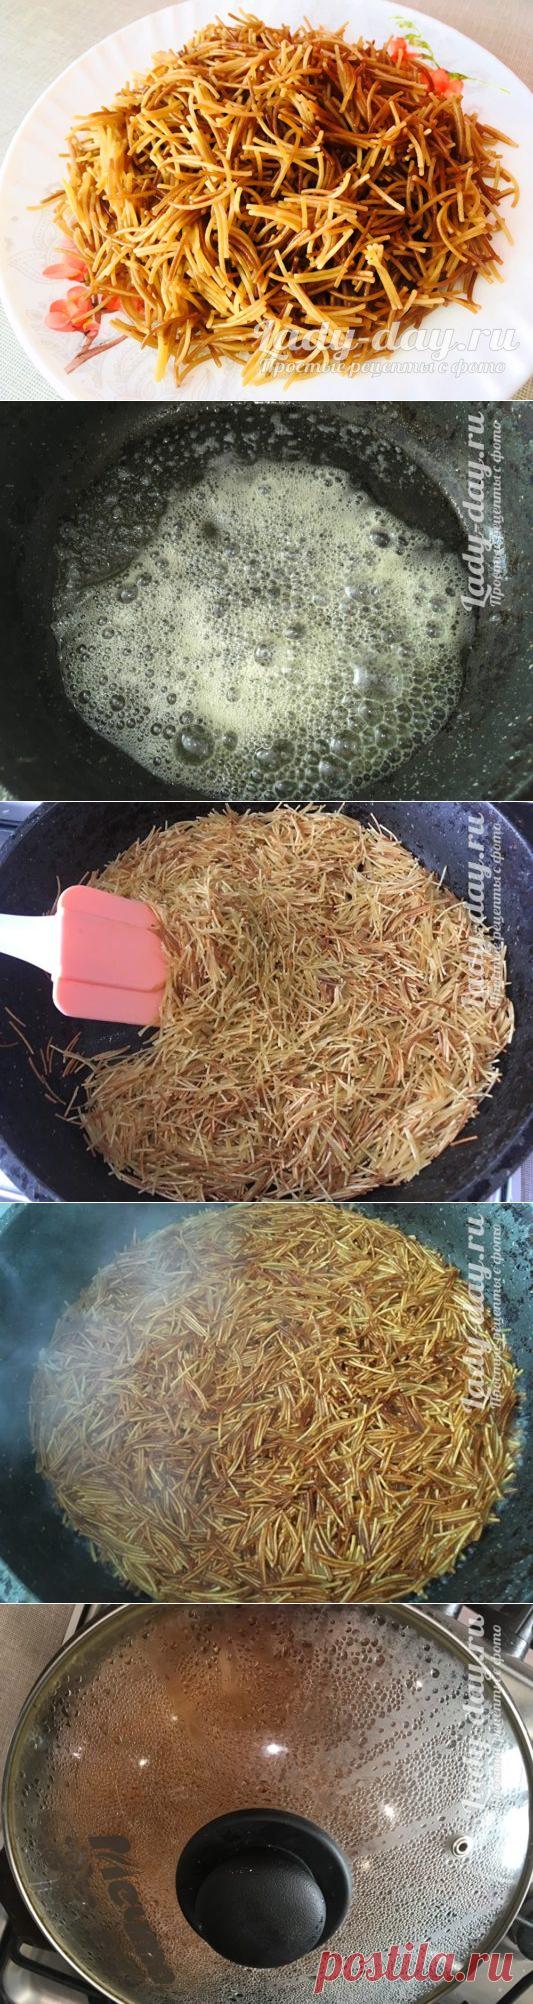 жареная вермишель на сковороде рецепт с фото нашем интернет-магазине продается